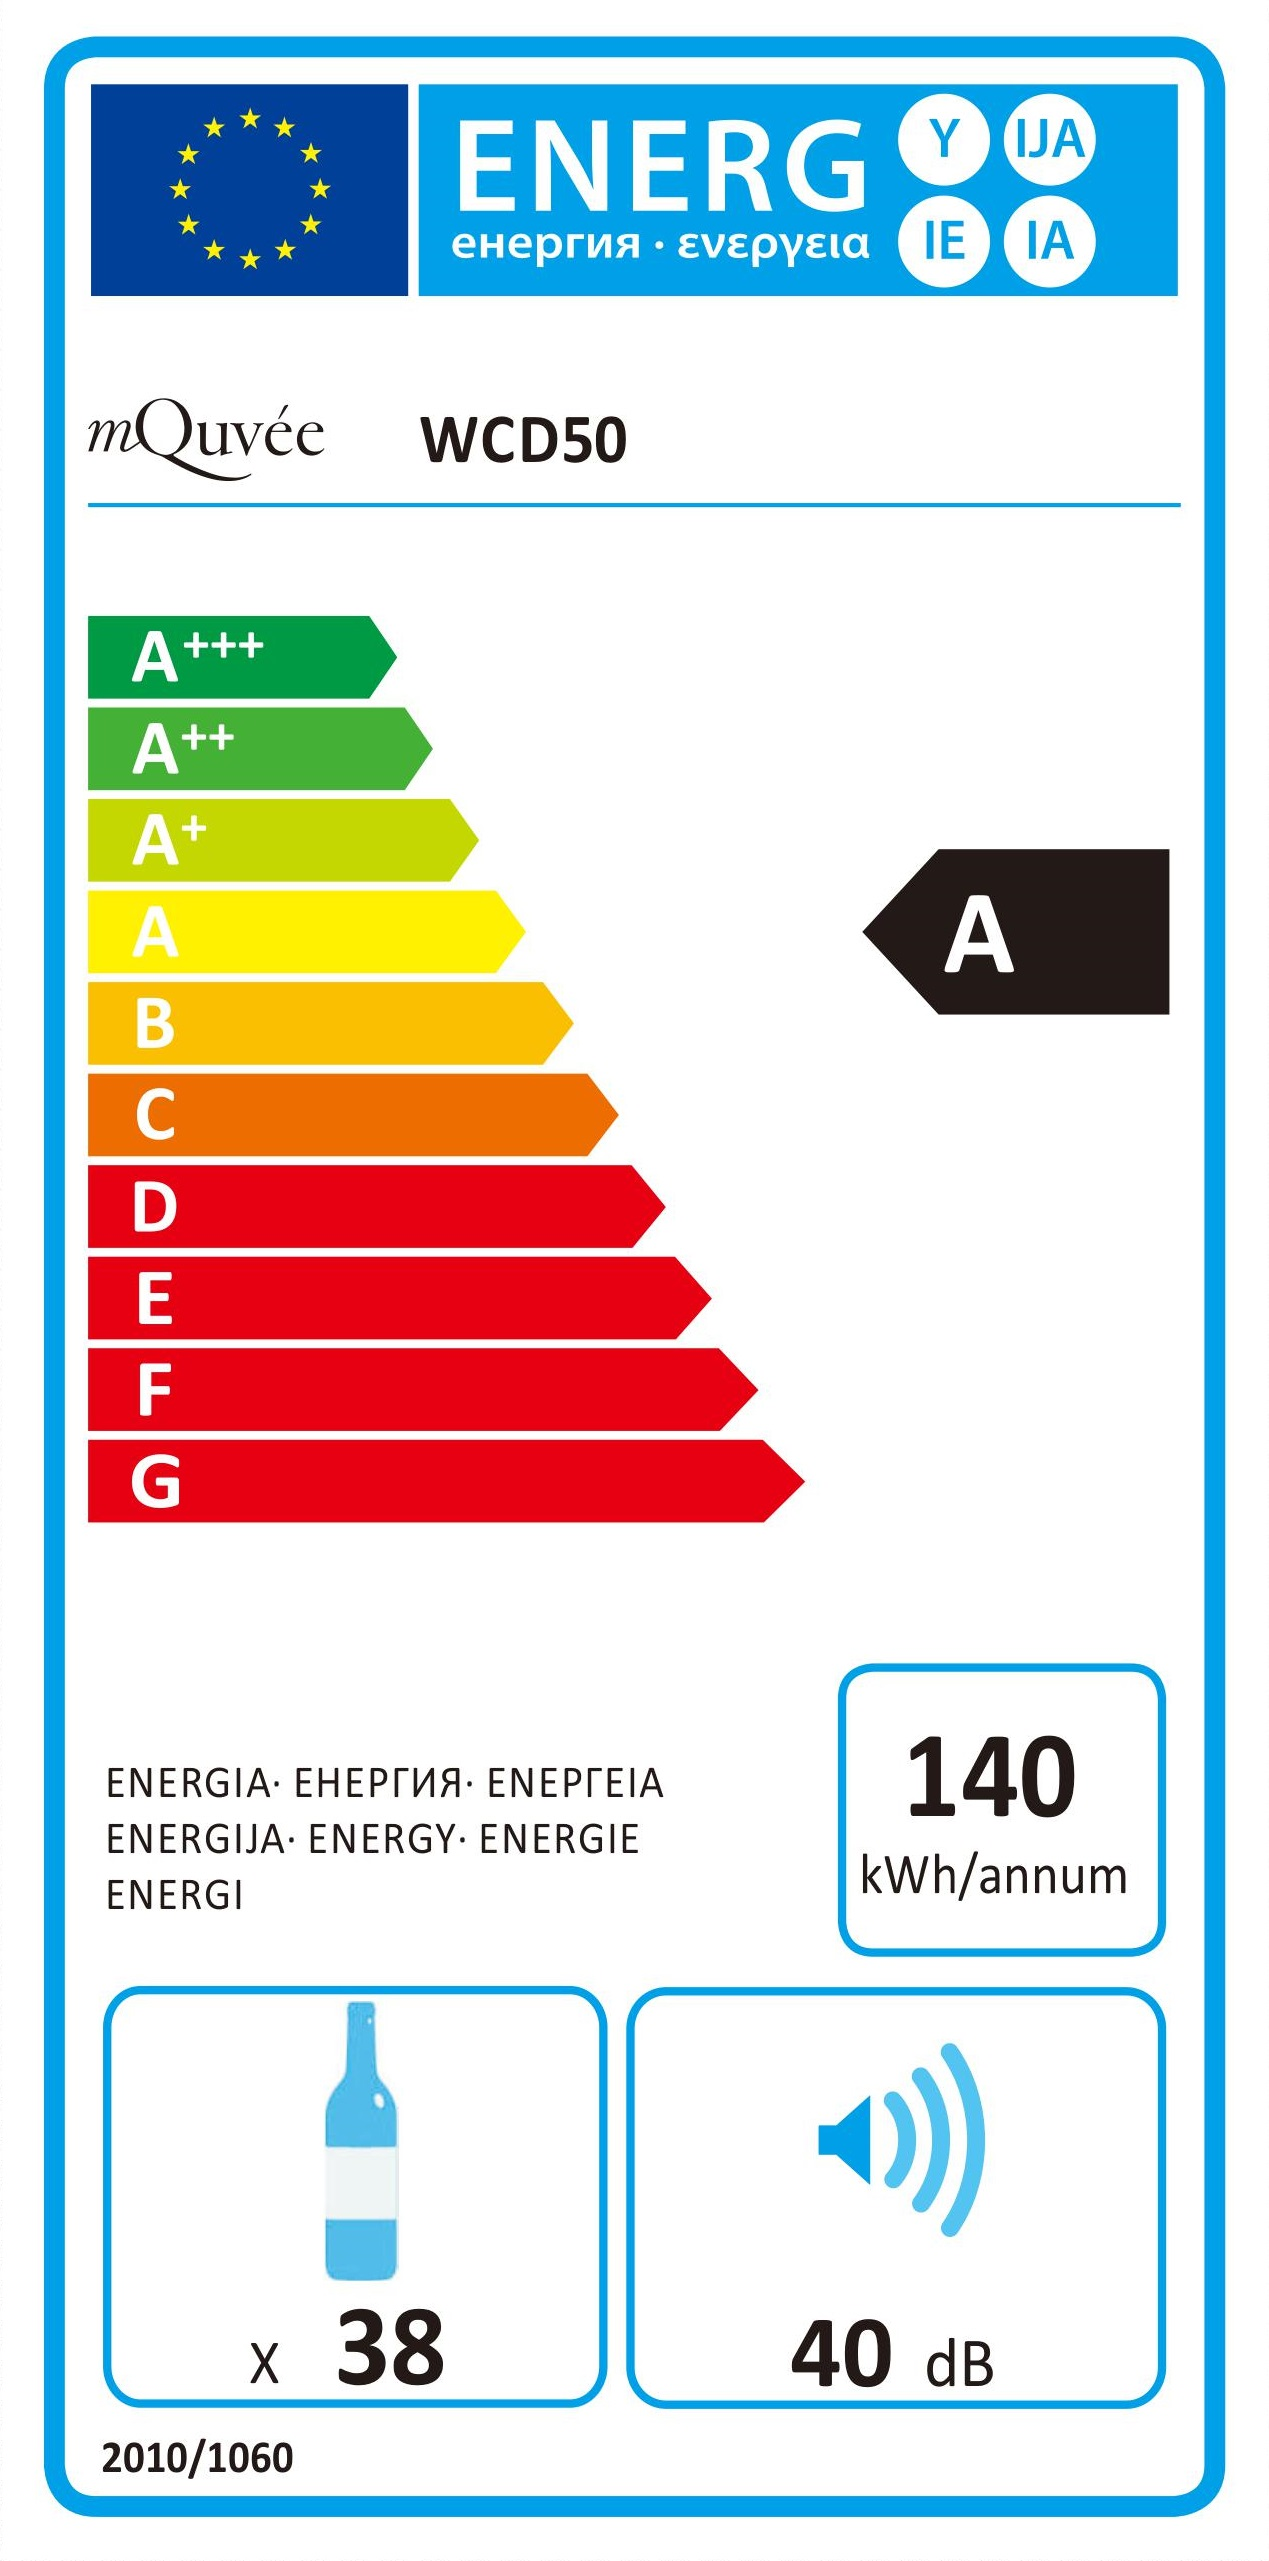 Energylabel WineCave 50D mQuvée